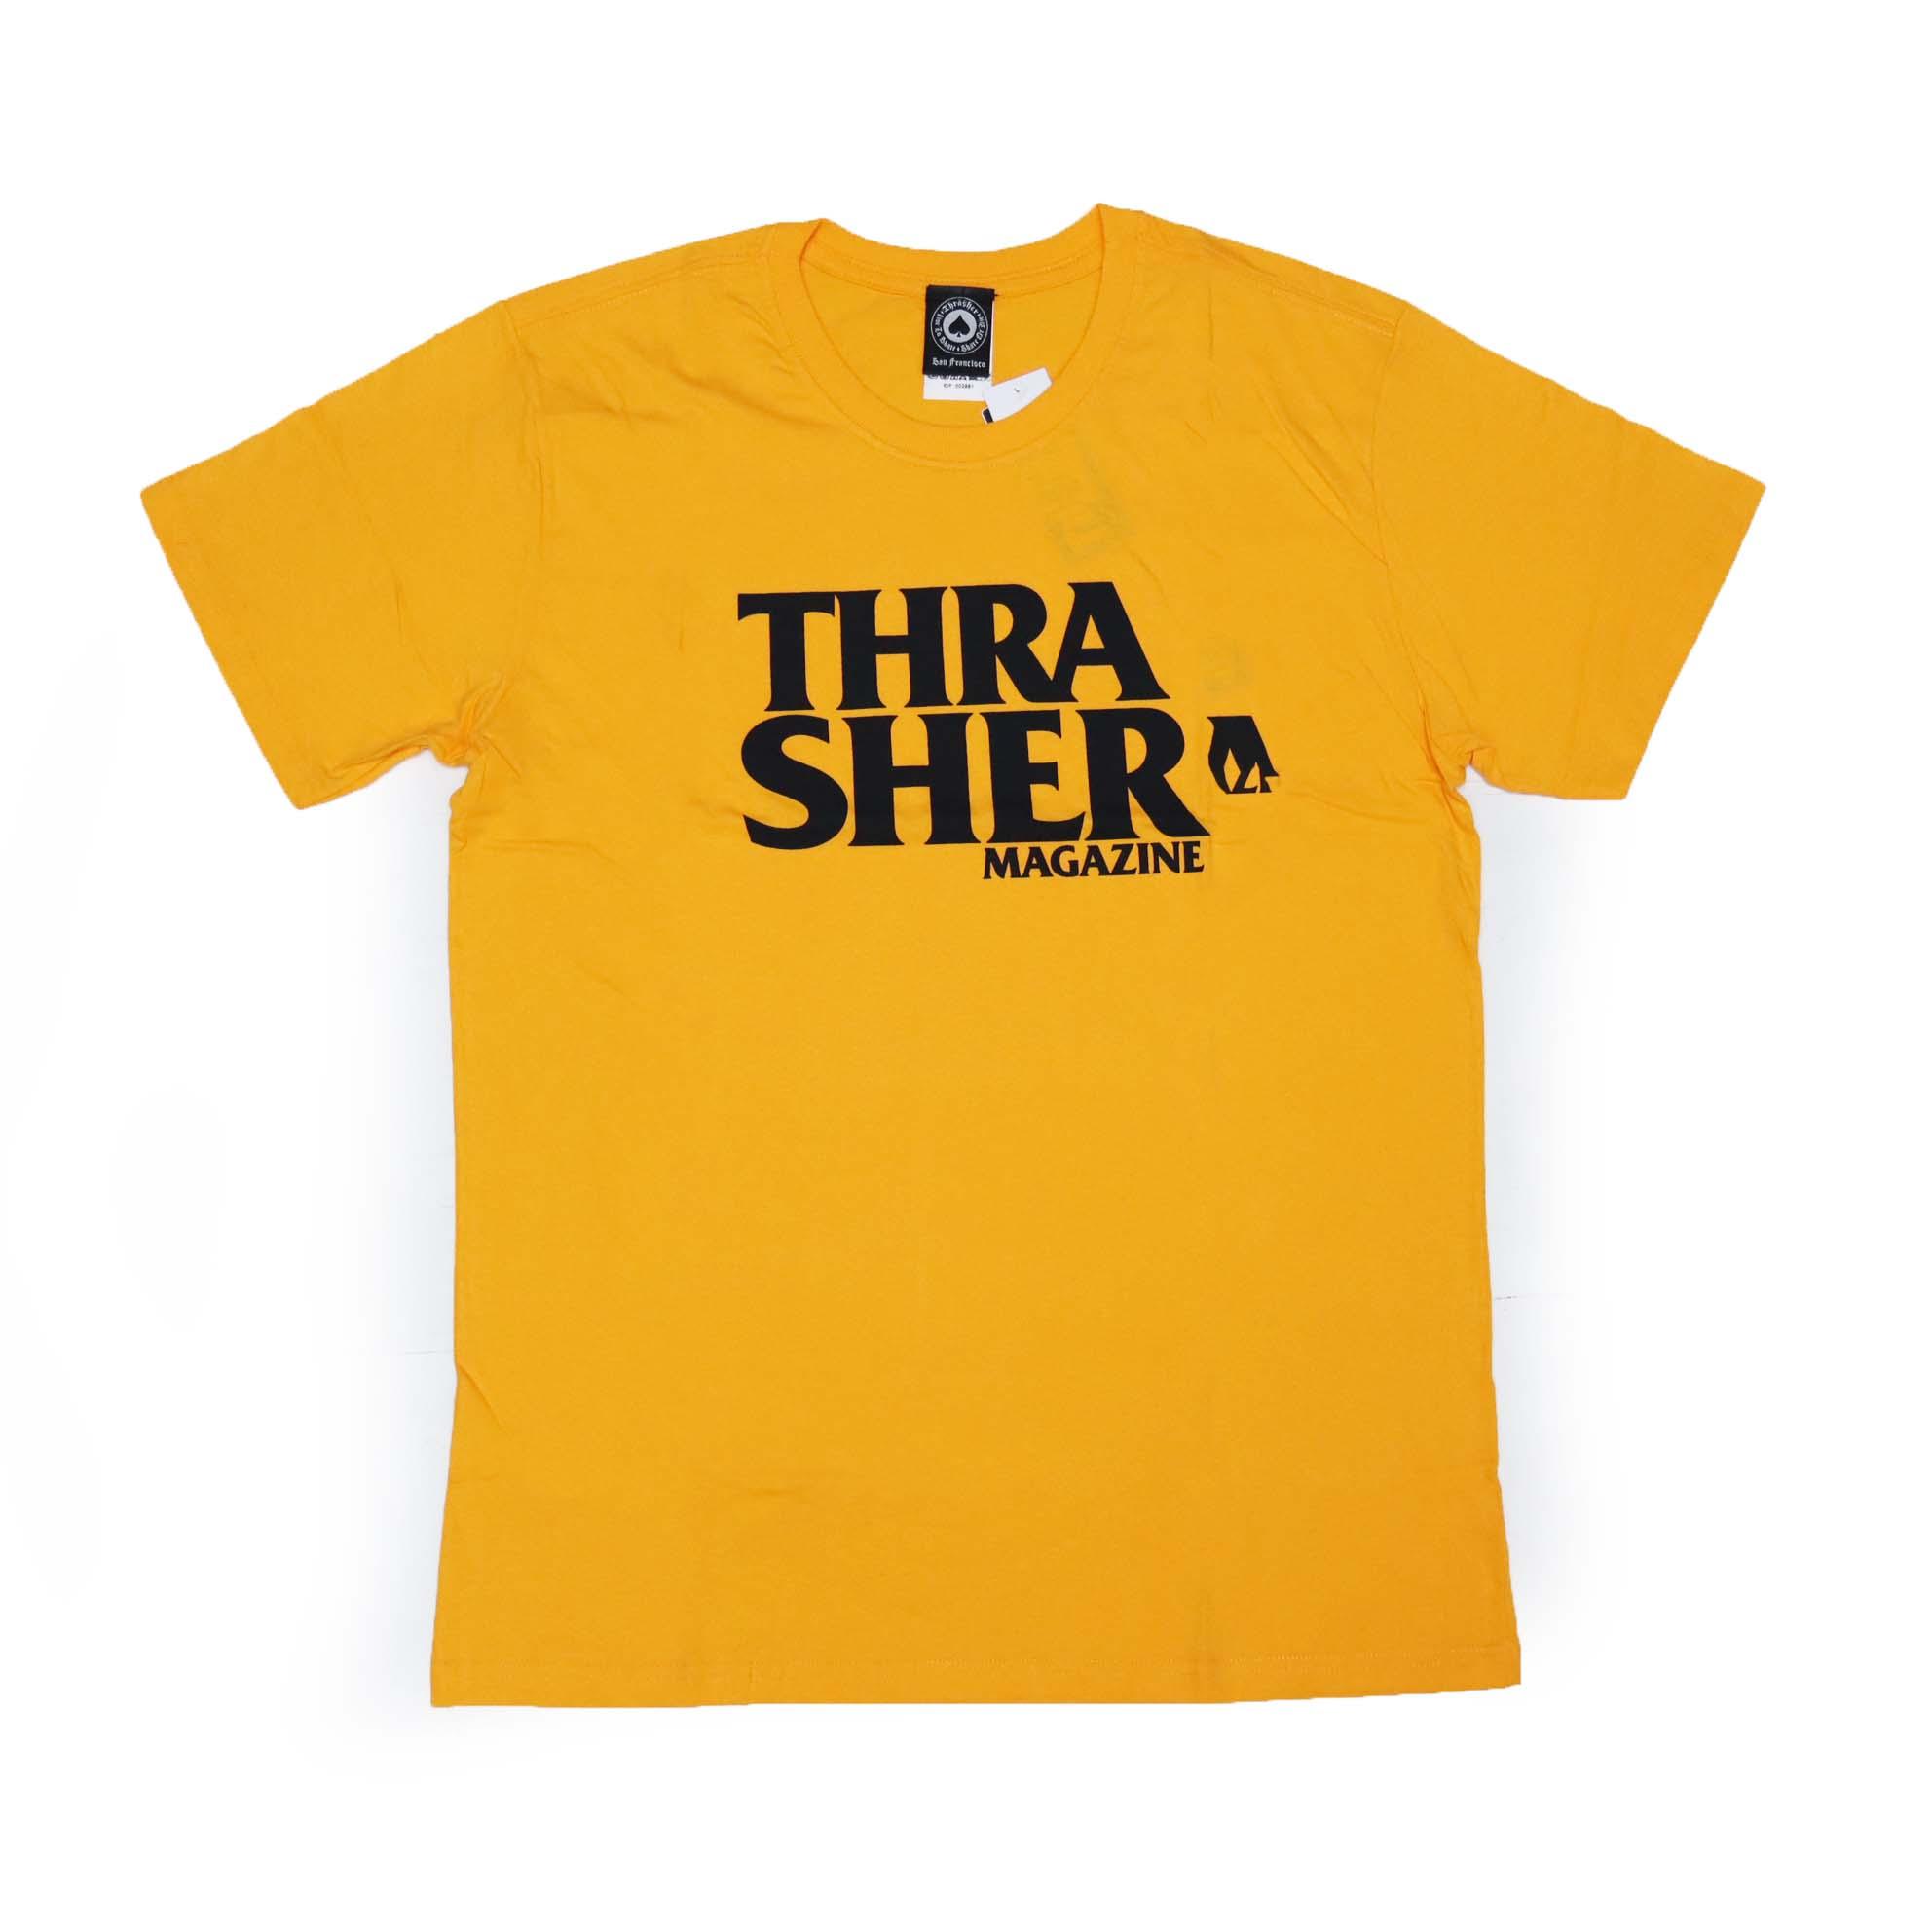 Camiseta Thrasher Magazine Anti Logo - Amarelo/Preto